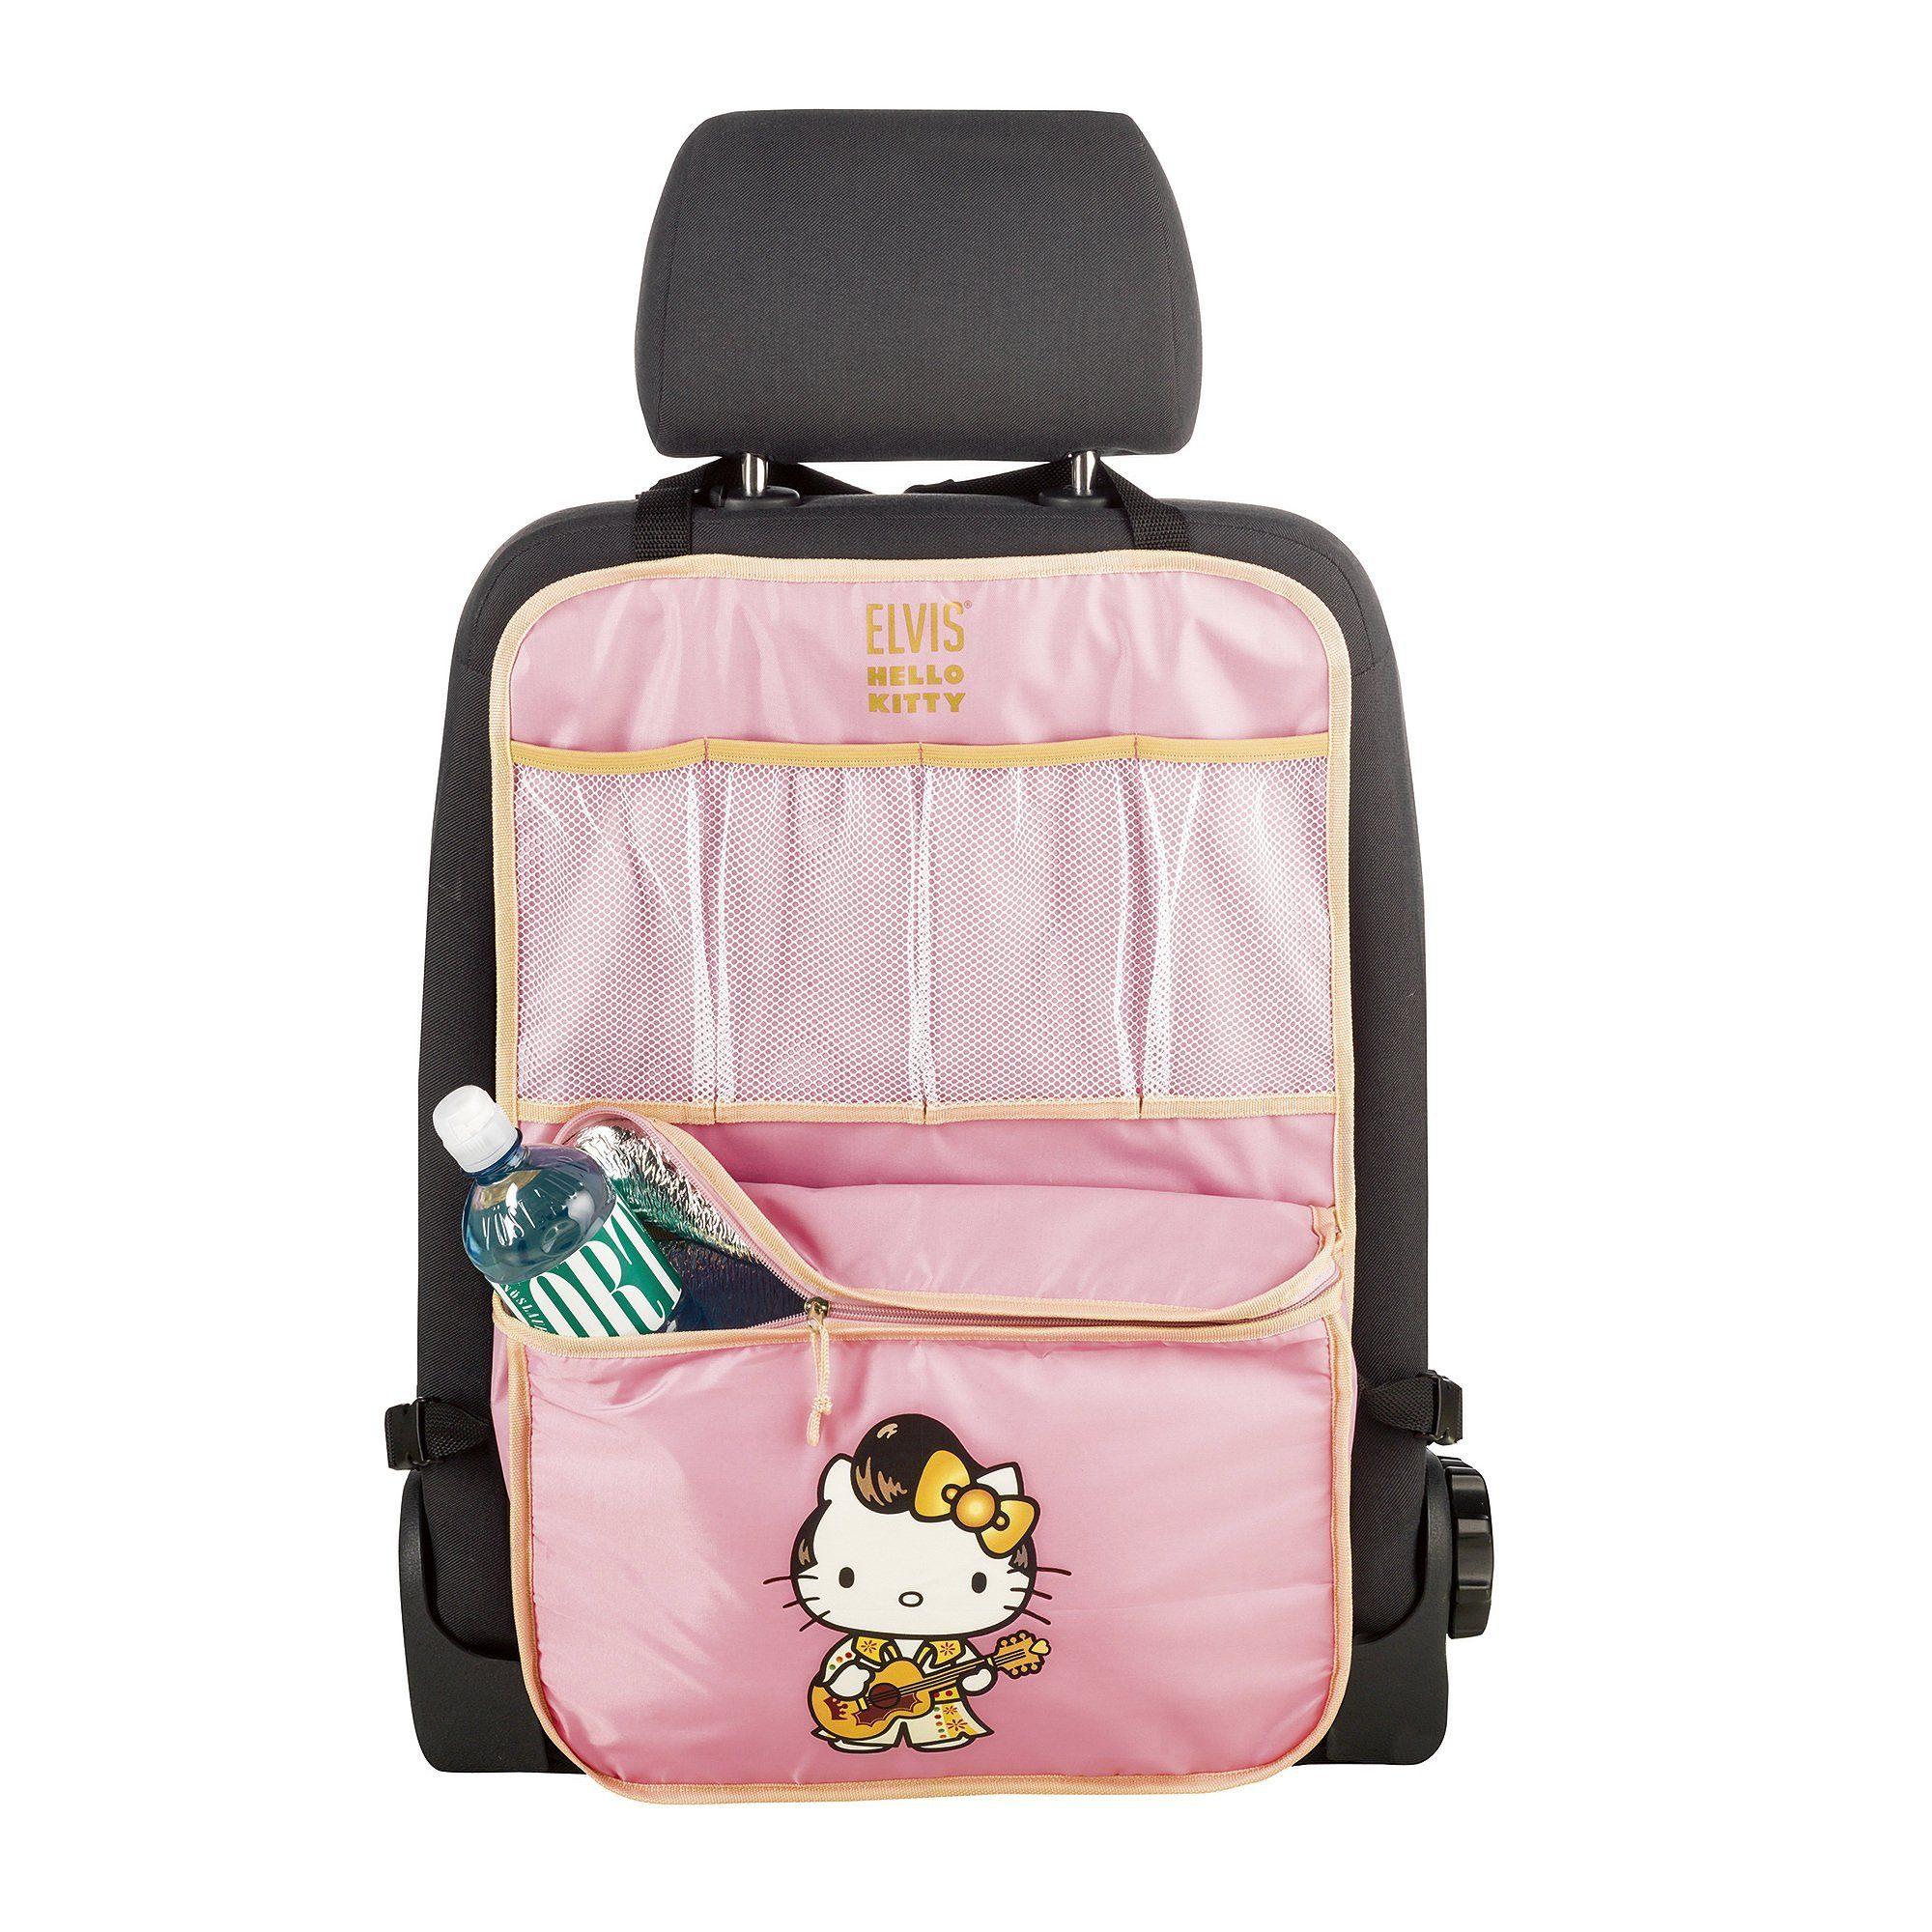 BABY-WALZ Rückenlehnen-, Spielzeugtasche Coolerbag